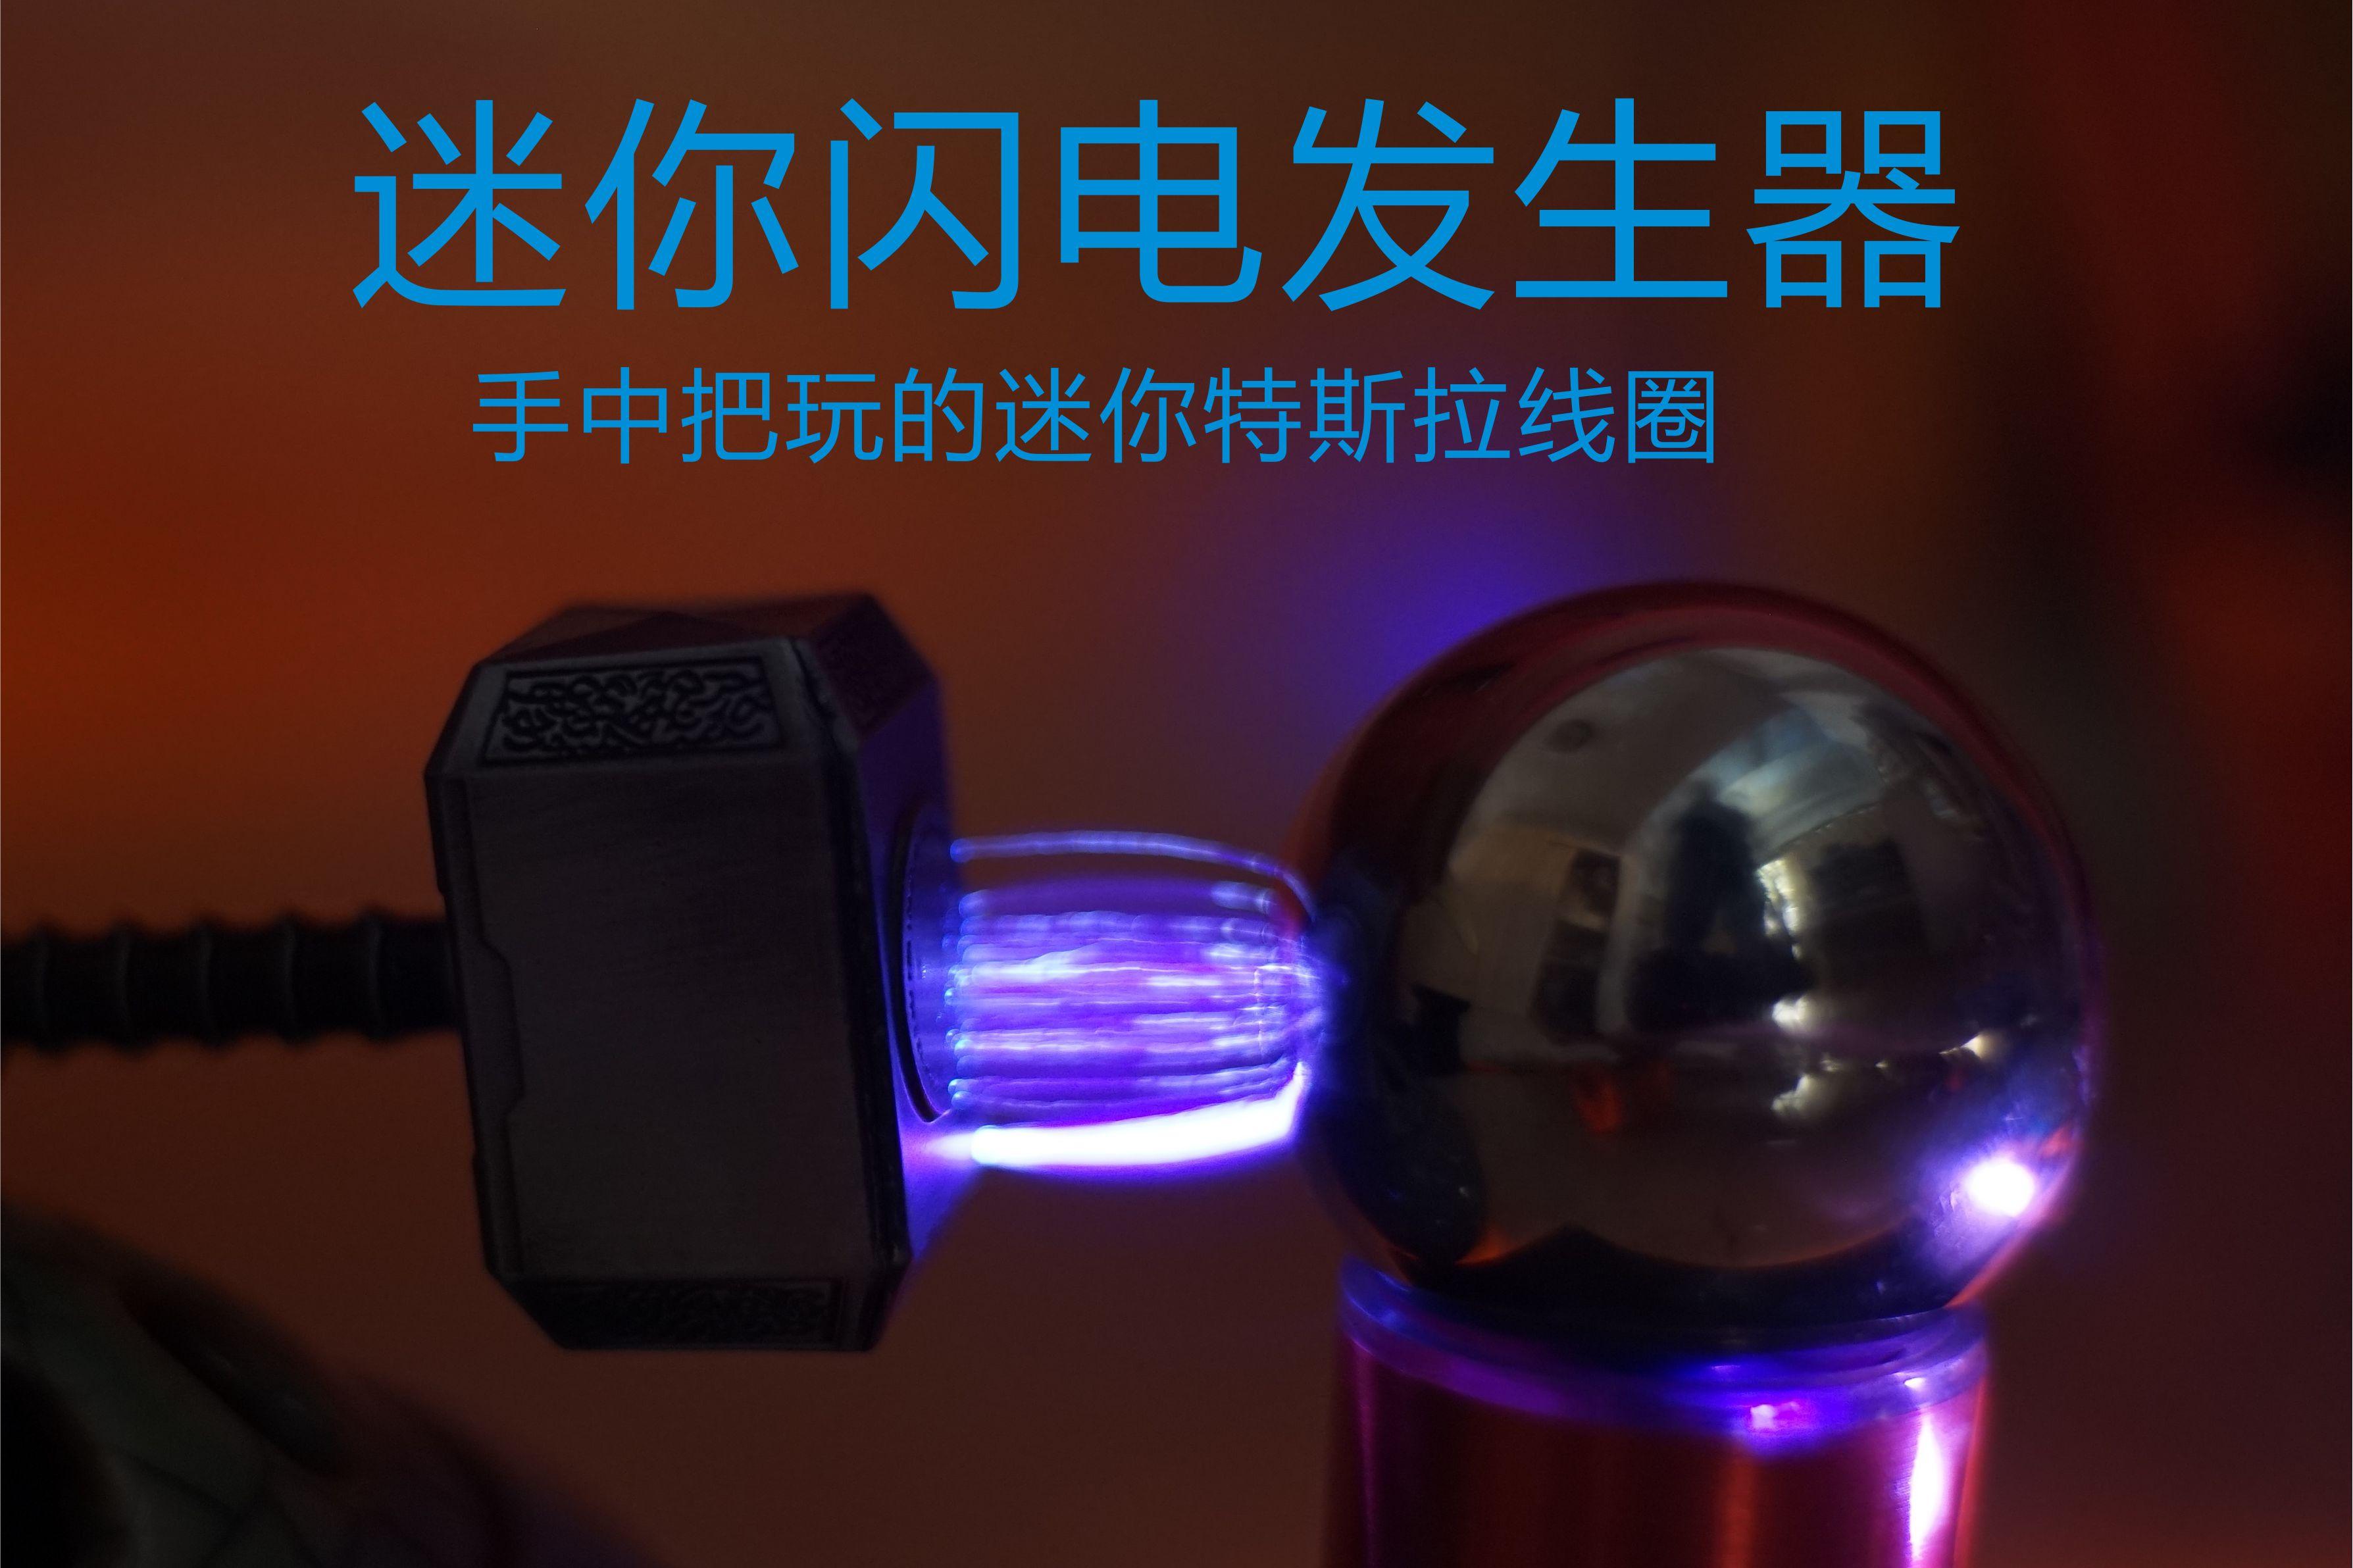 Mini générateur de foudre artificiel, Mini bobine Tesla, efficacité de Conversion élevée, expérience scientifique essentielle